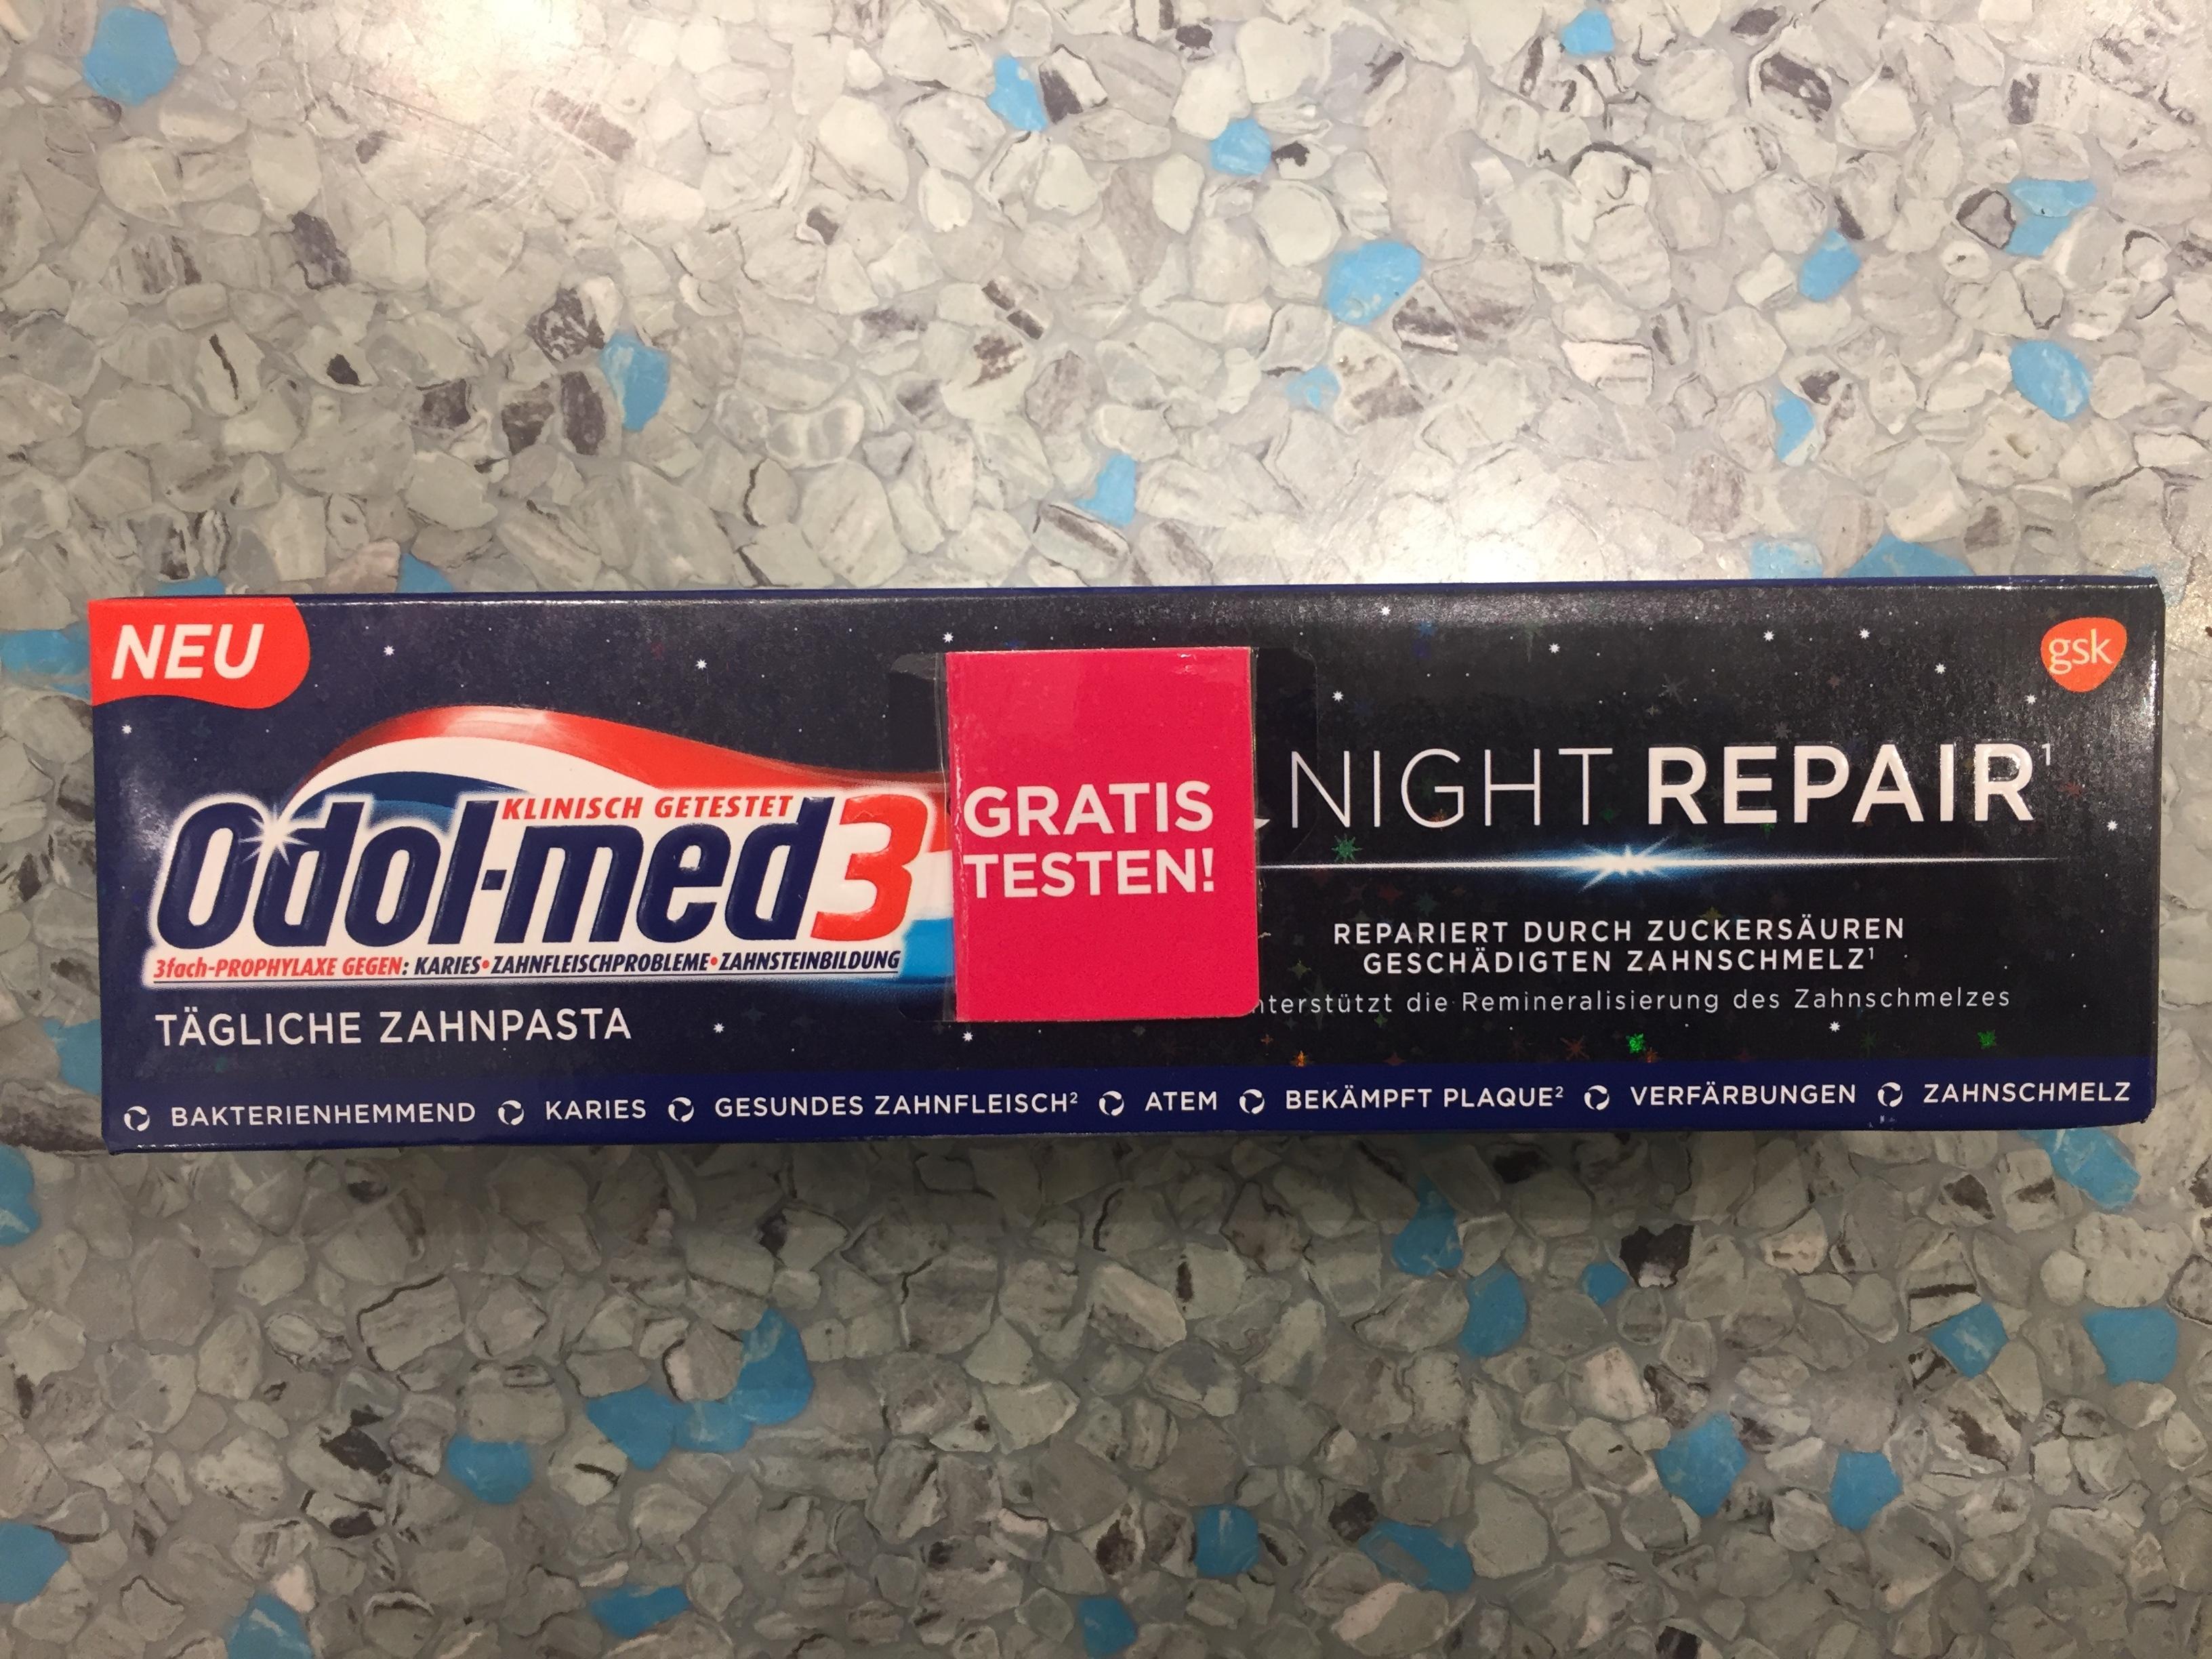 GzG Odol-med3 Night Repair Zahnpasta gratis (Aktionssticker notwendig) statt €1,95